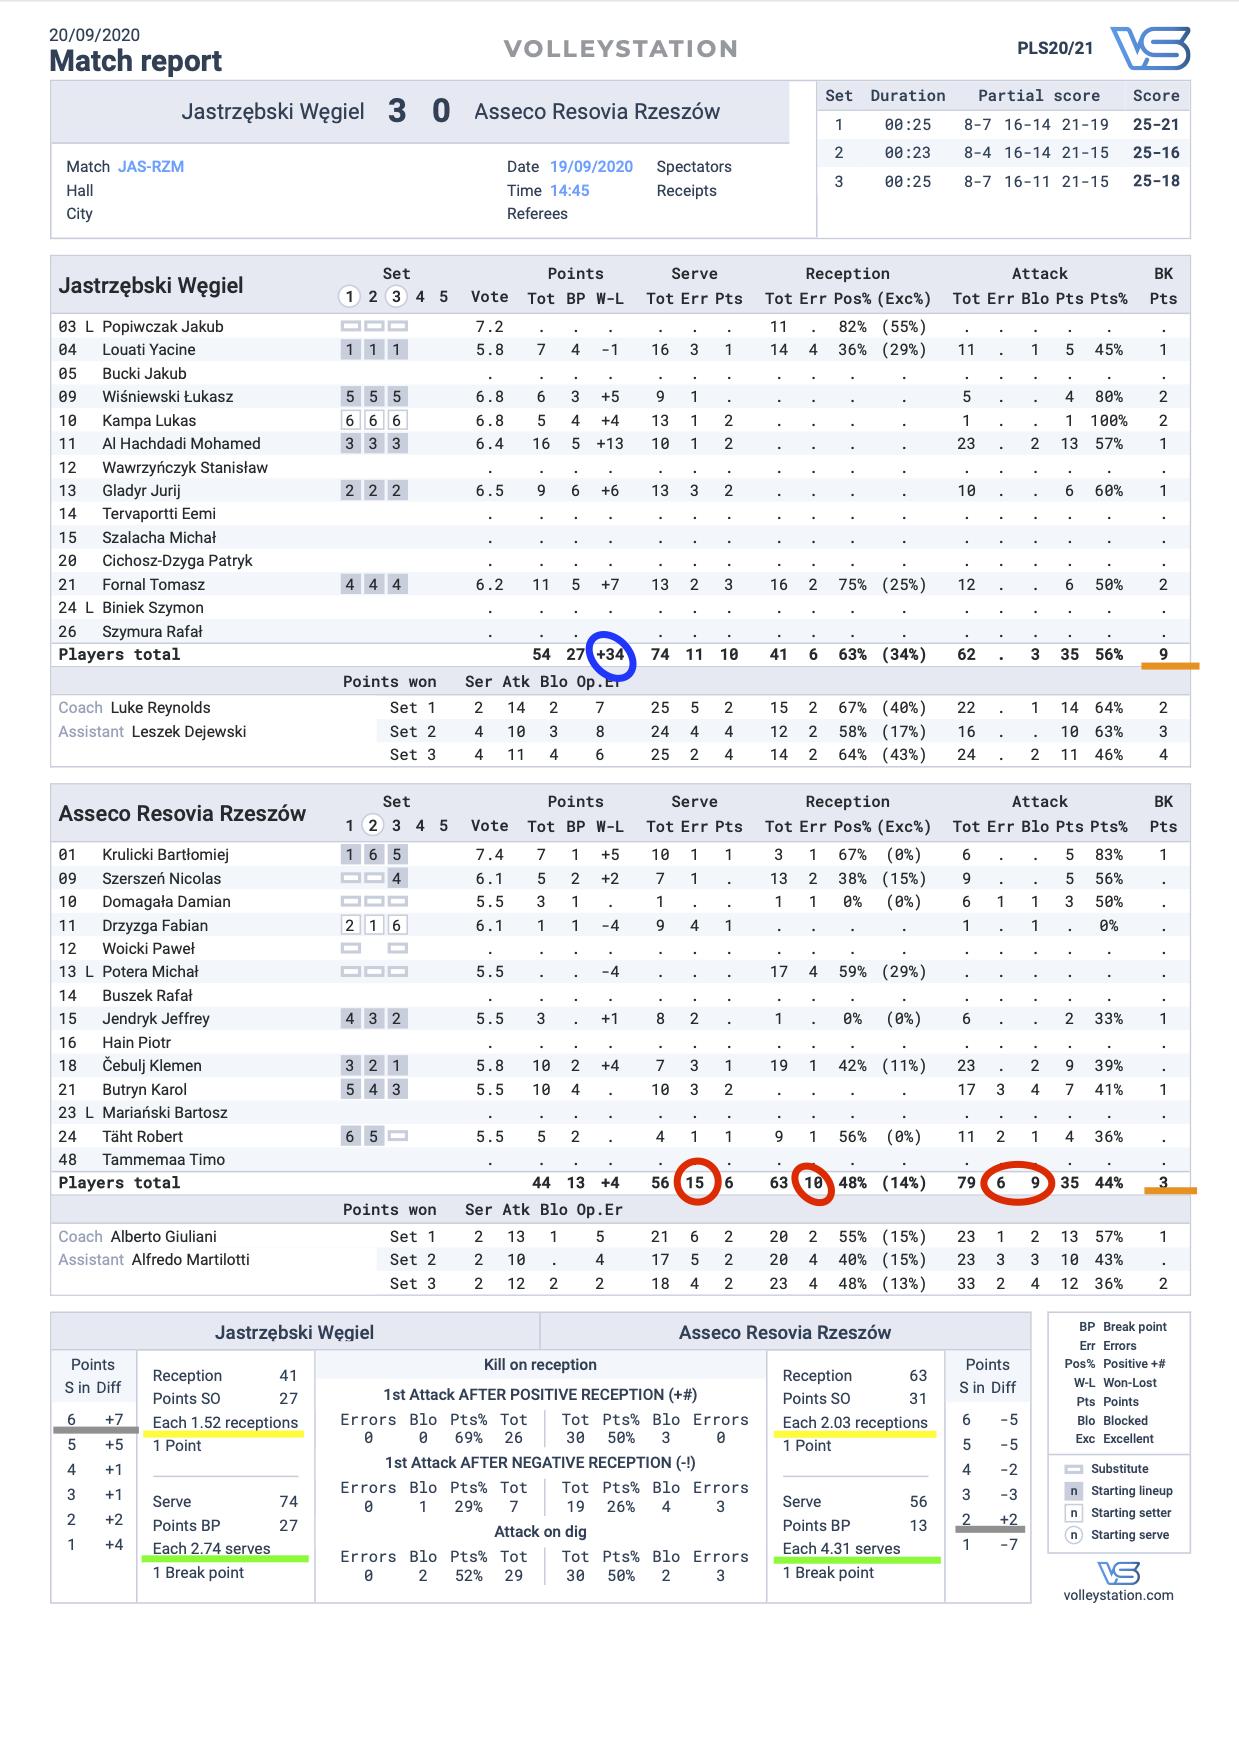 Raport meczowy - Jastrzębski Węgiel vs Asseco Resovia Rzeszów [19.09.2020]